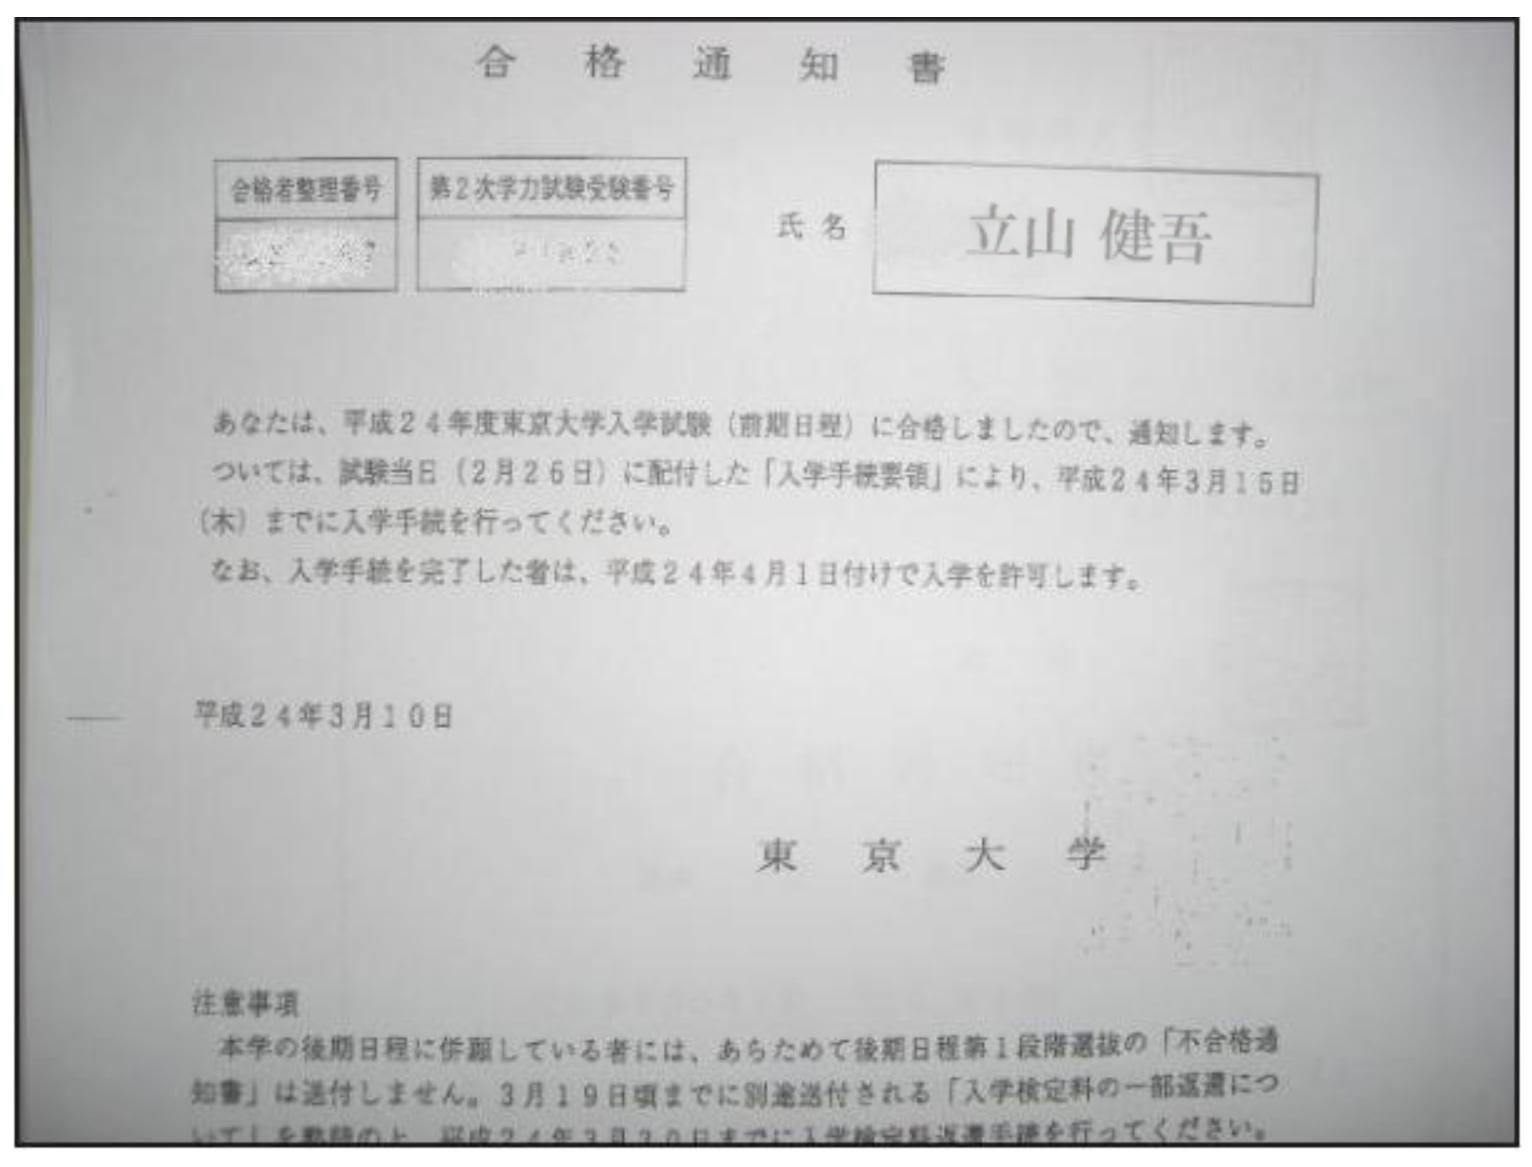 立山健吾 仮想通貨ABCプロジェクト3